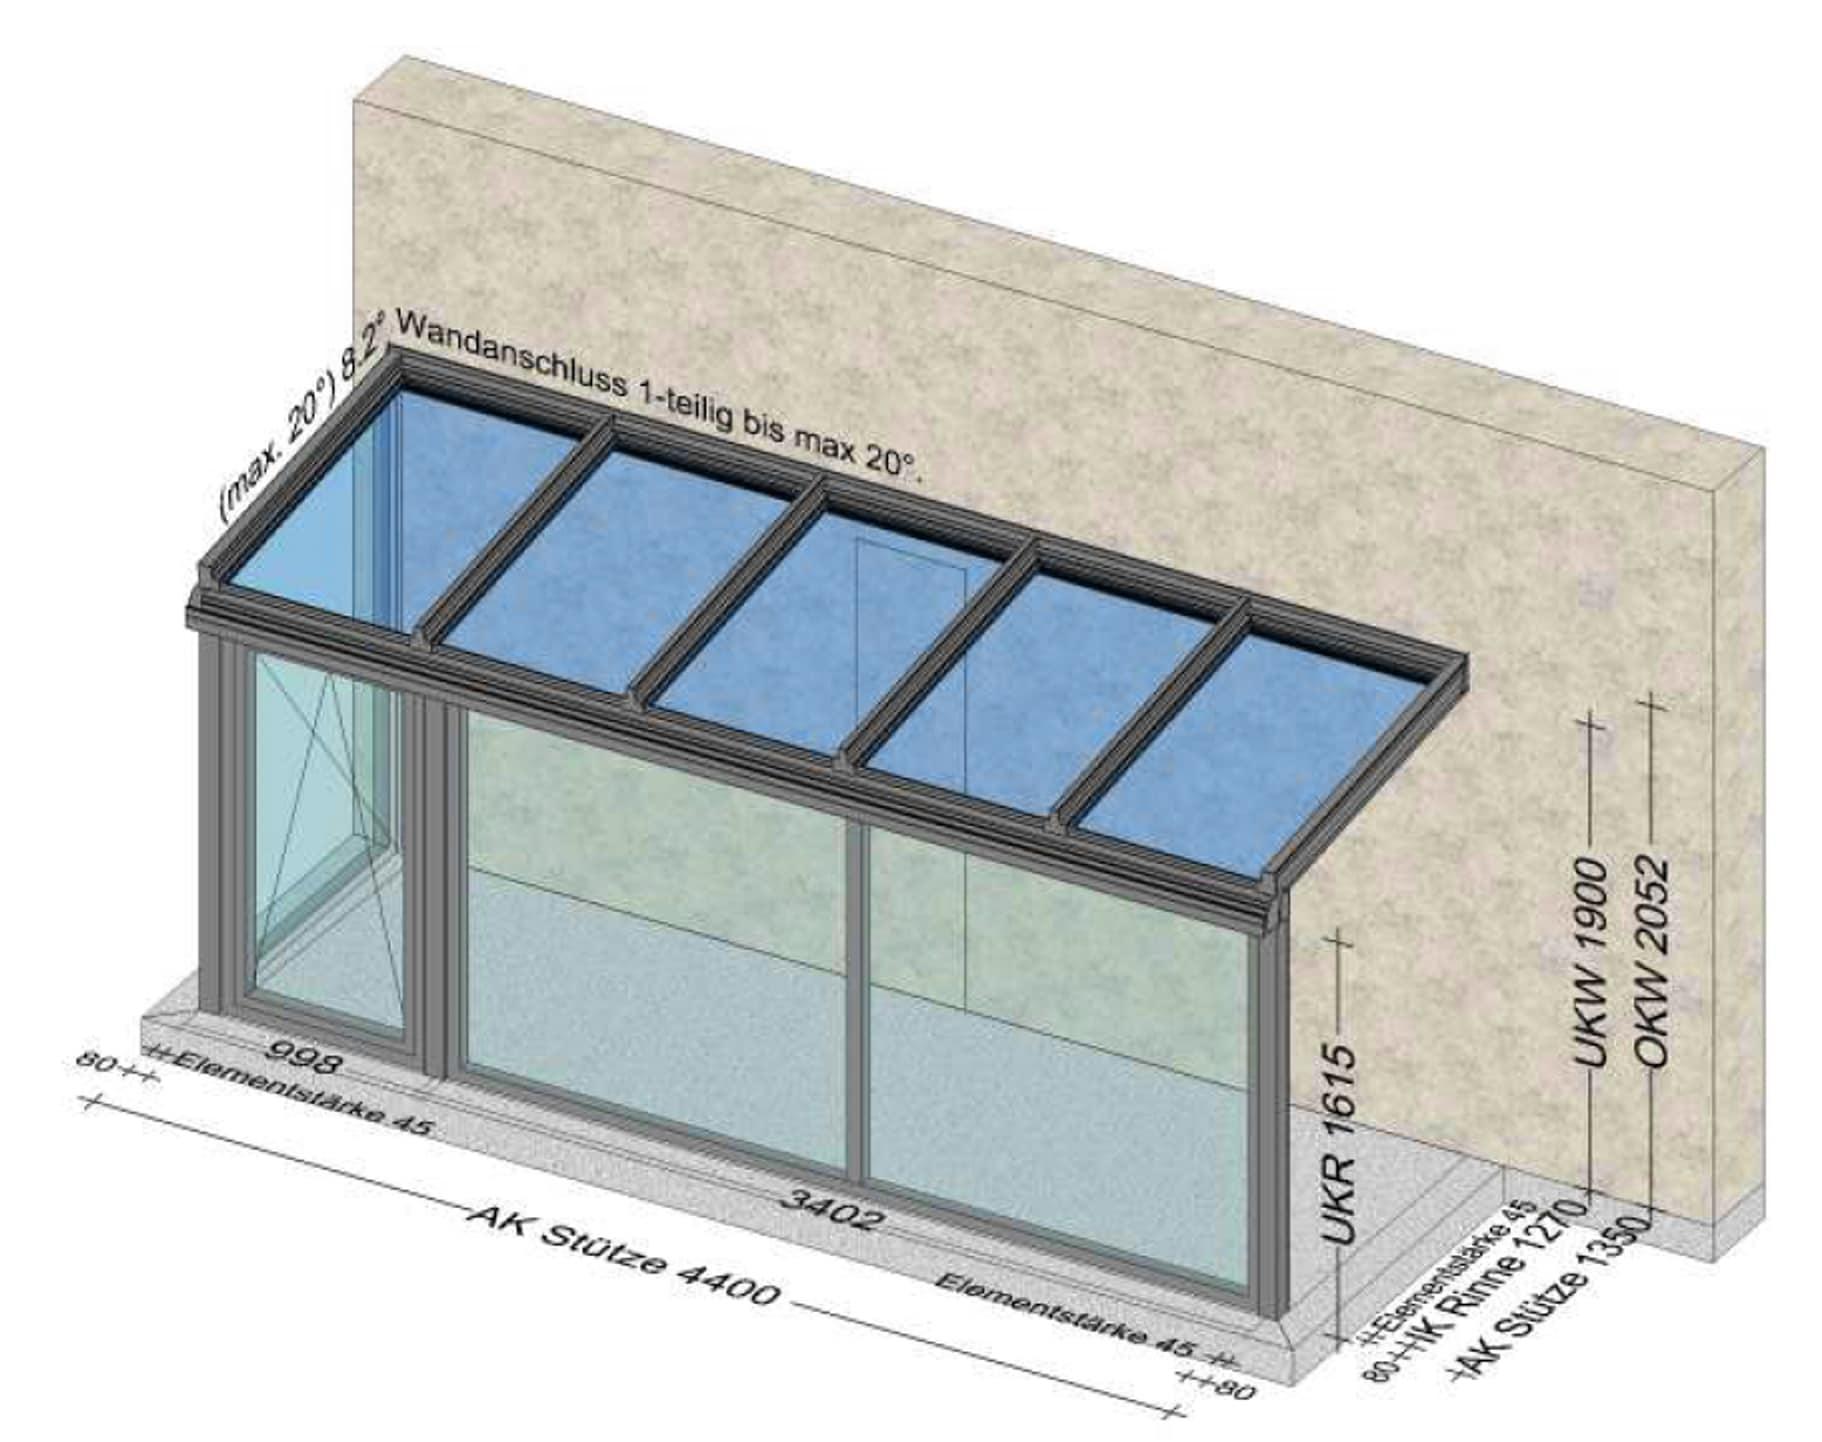 Wind- und Regenschutz für Eingangsbereich - Planung